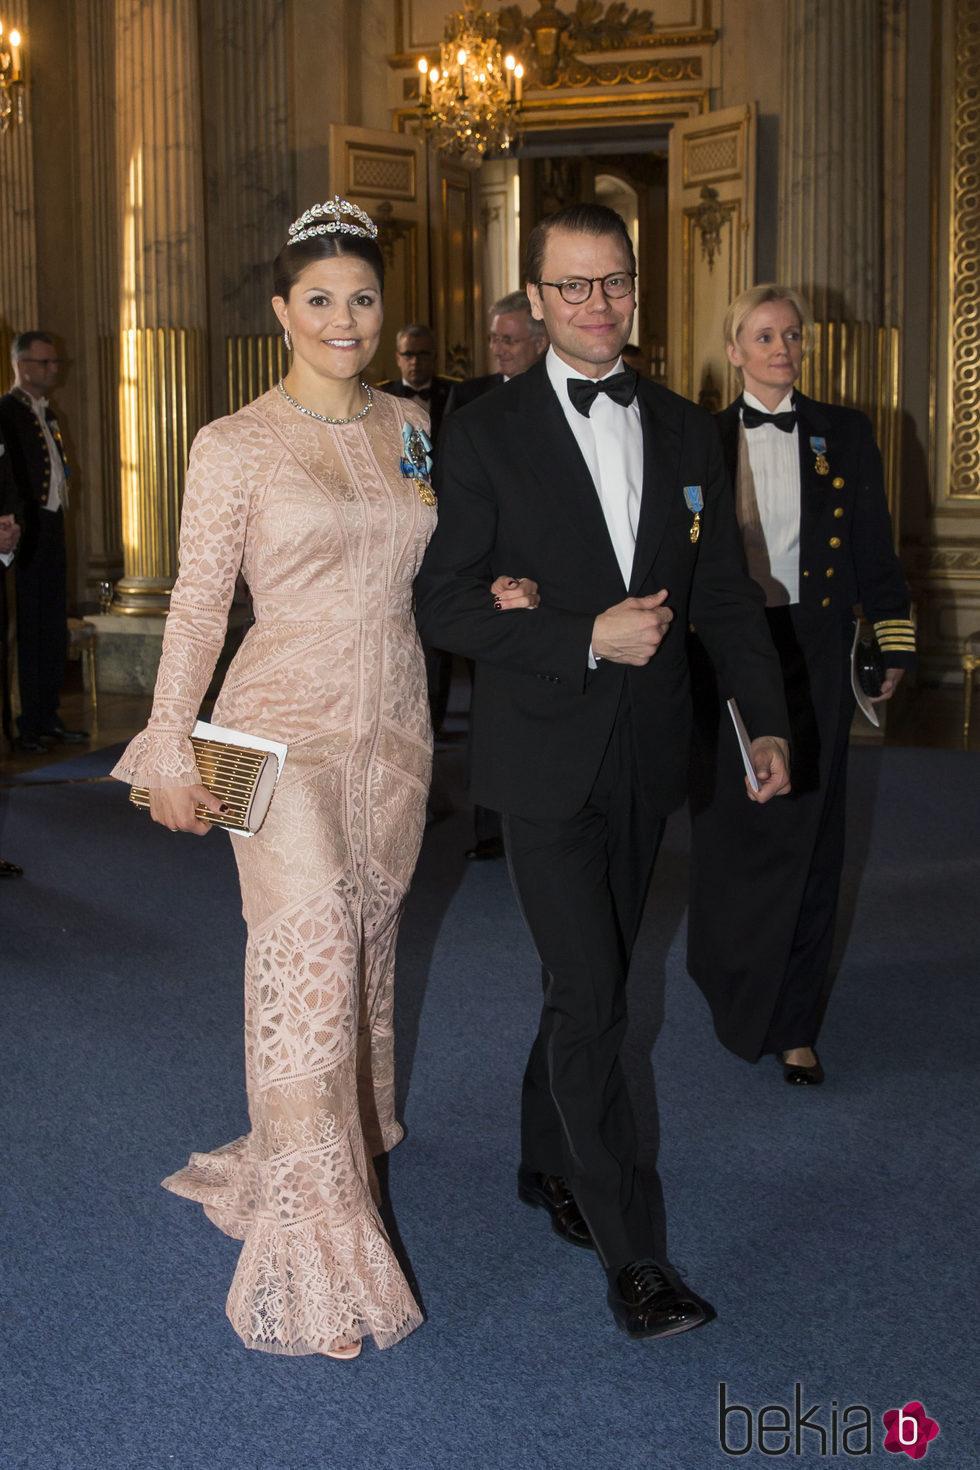 La Princesa Victoria de Suecia en la cena de gala en el 70 cumpleaños del Rey Gustavo de Suecia